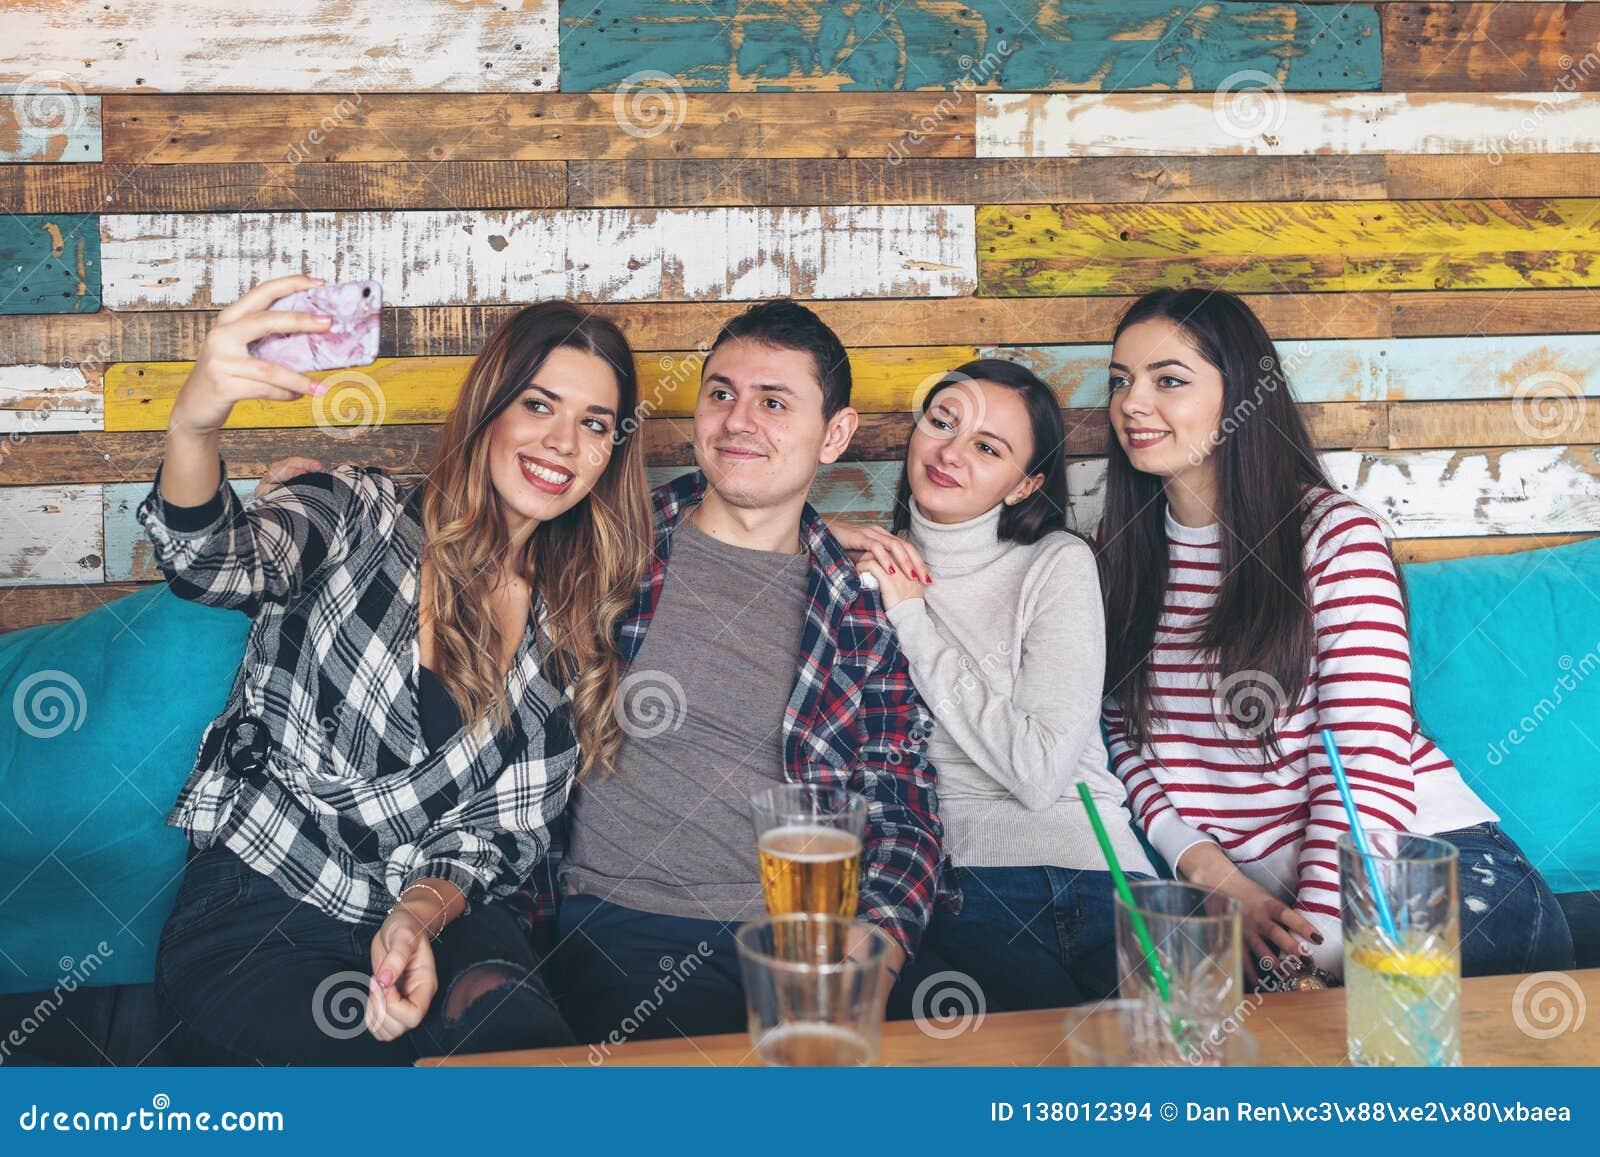 Migliori amici che prendono selfie e che si divertono alla barra rustica - concetto di amicizia e della gioventù